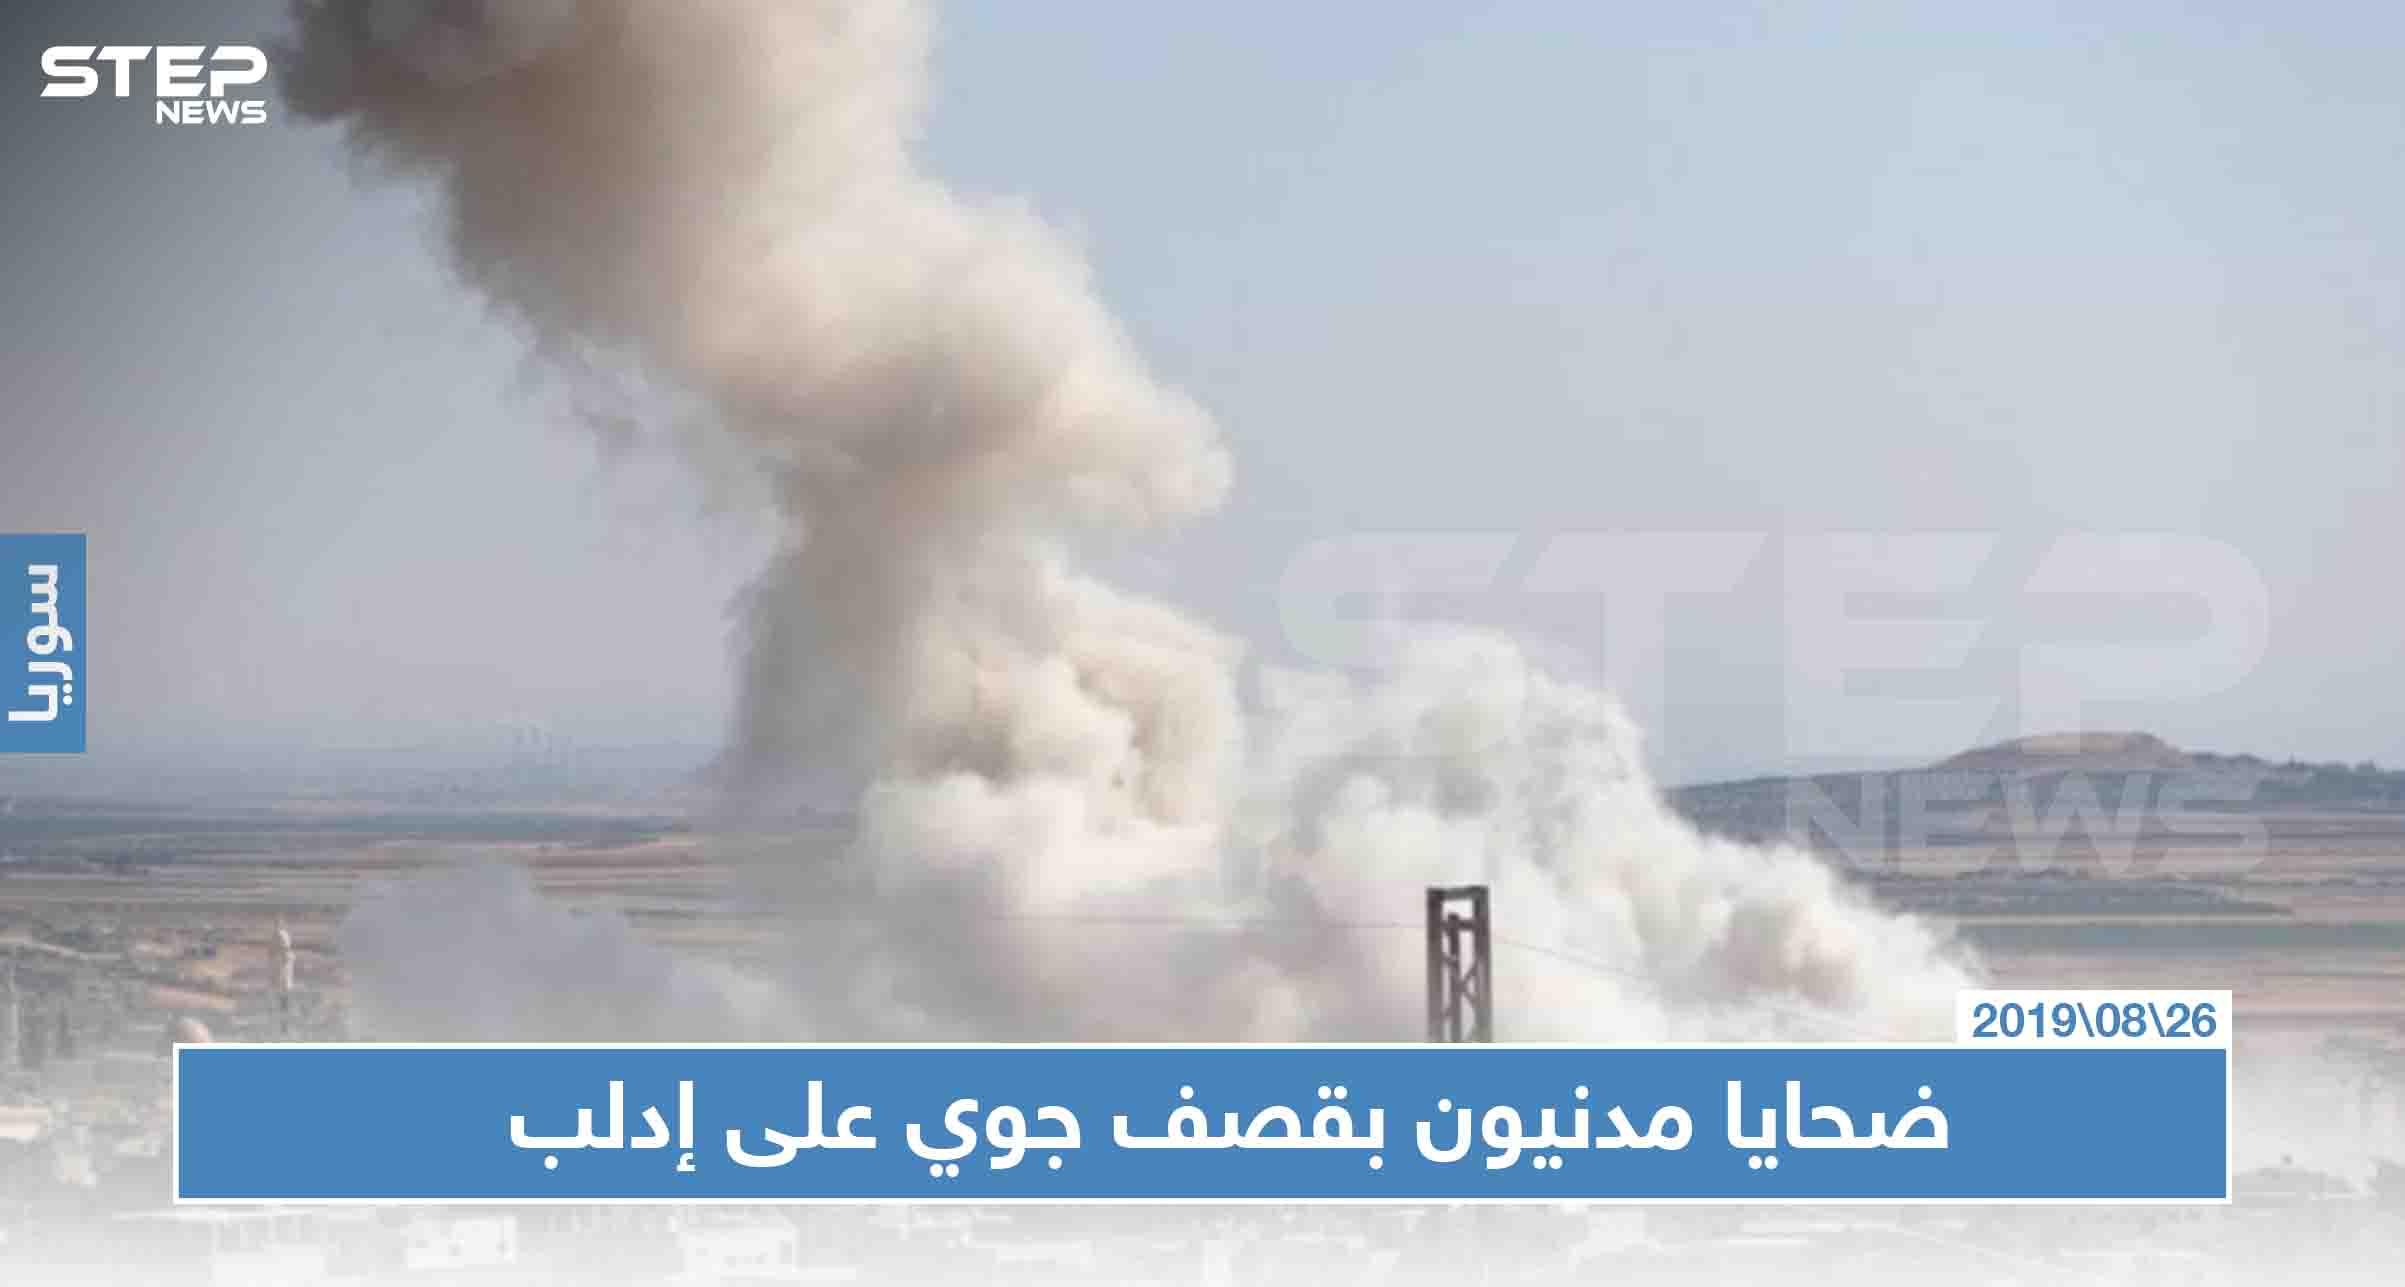 ضحايا مدنيون بقصف جوي على إدلب، والطيران يحاول إفراغ المناطق الجنوبية من سُكانها